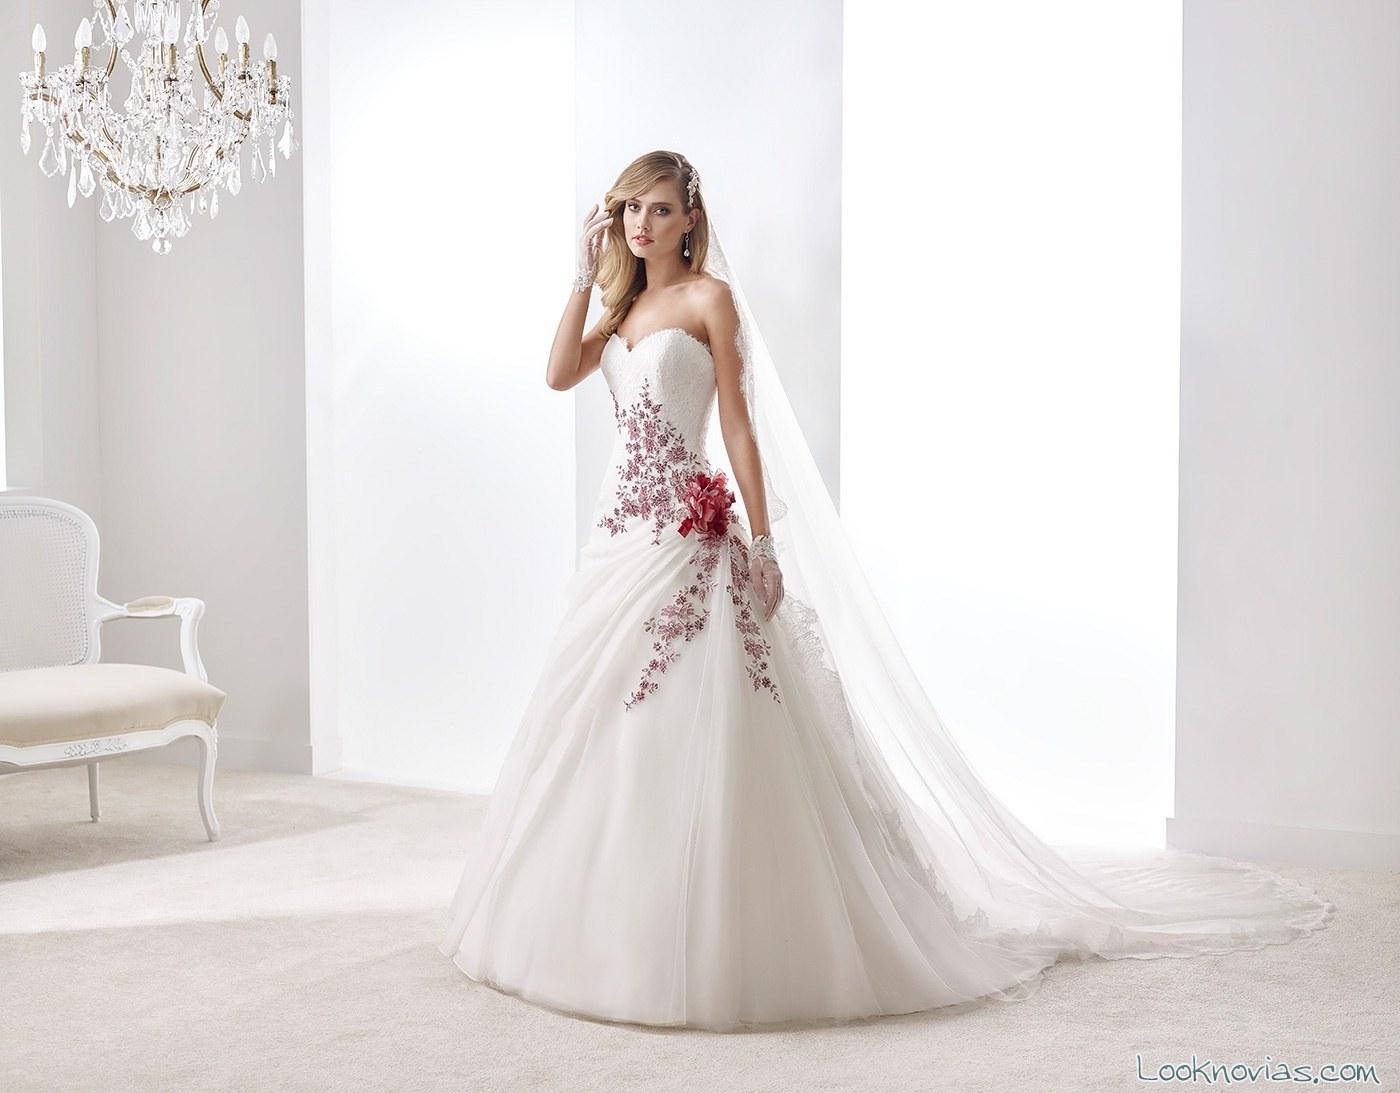 vestido blanco con bordados en rojo